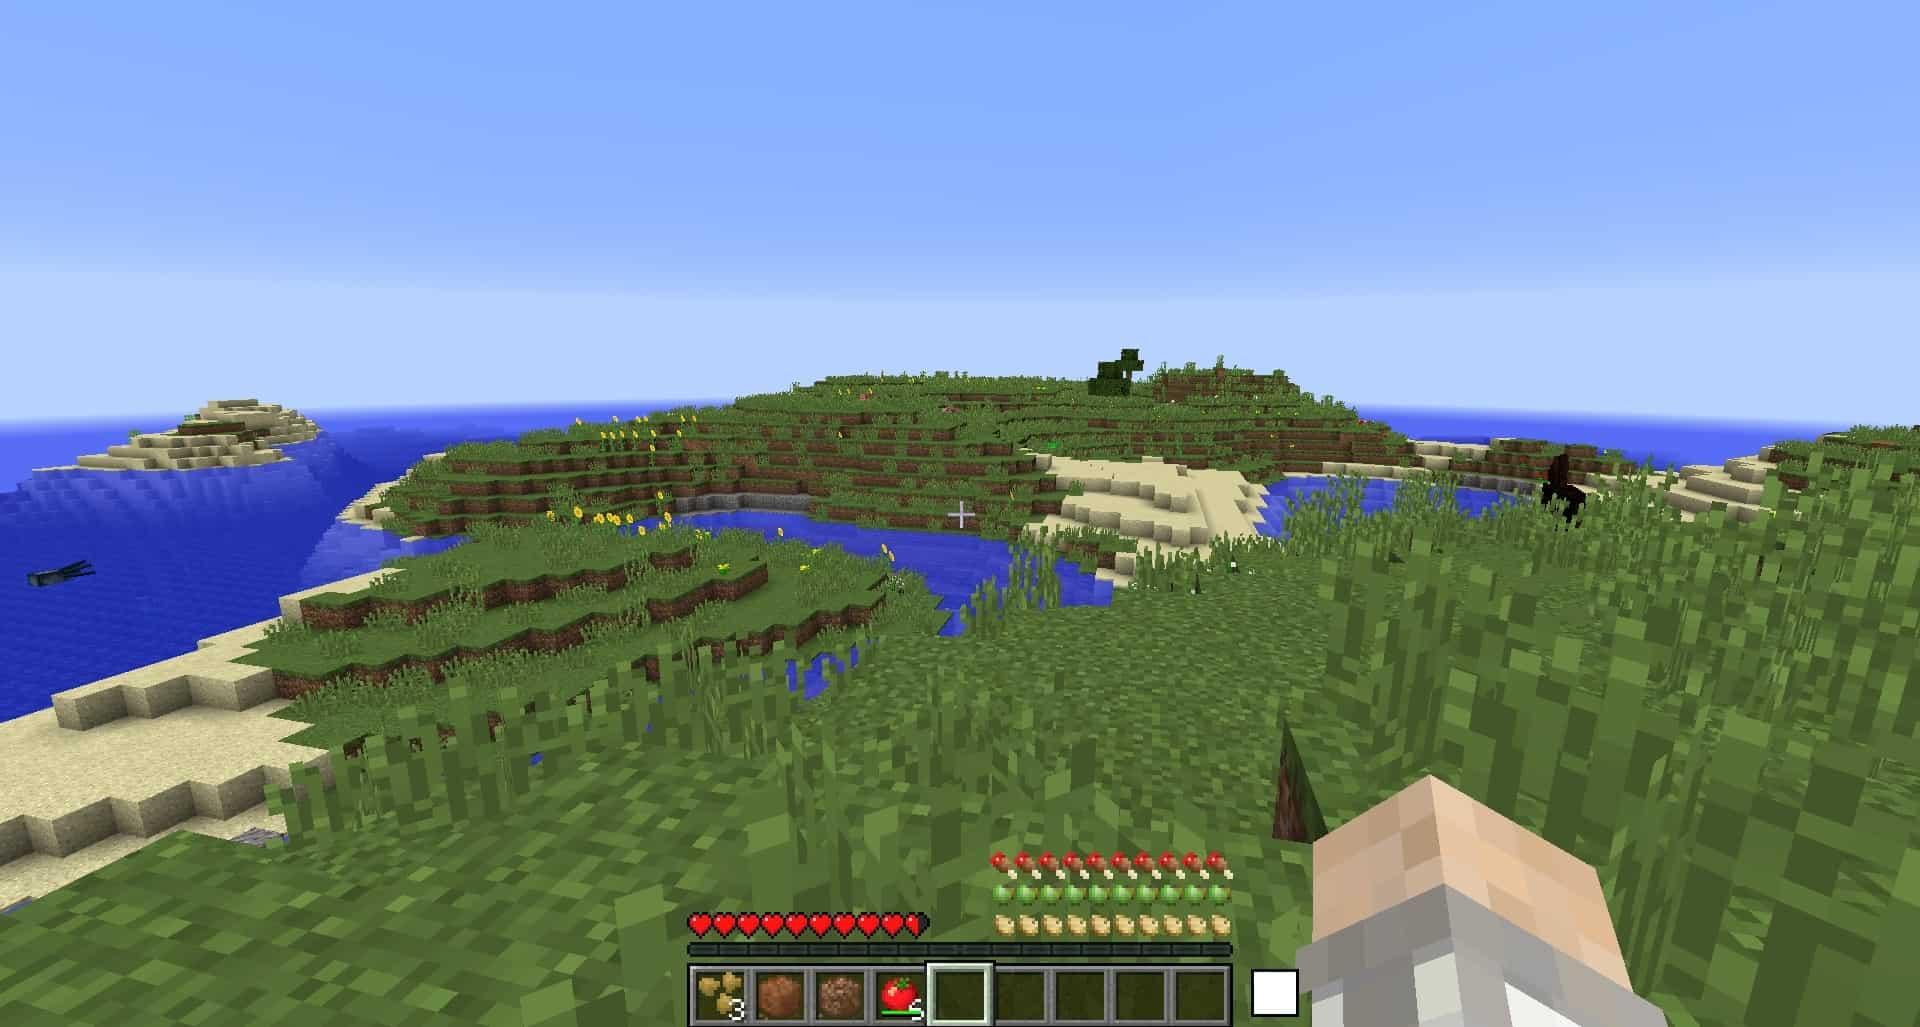 arrivée dans Minecraft avec le mod Geomastery